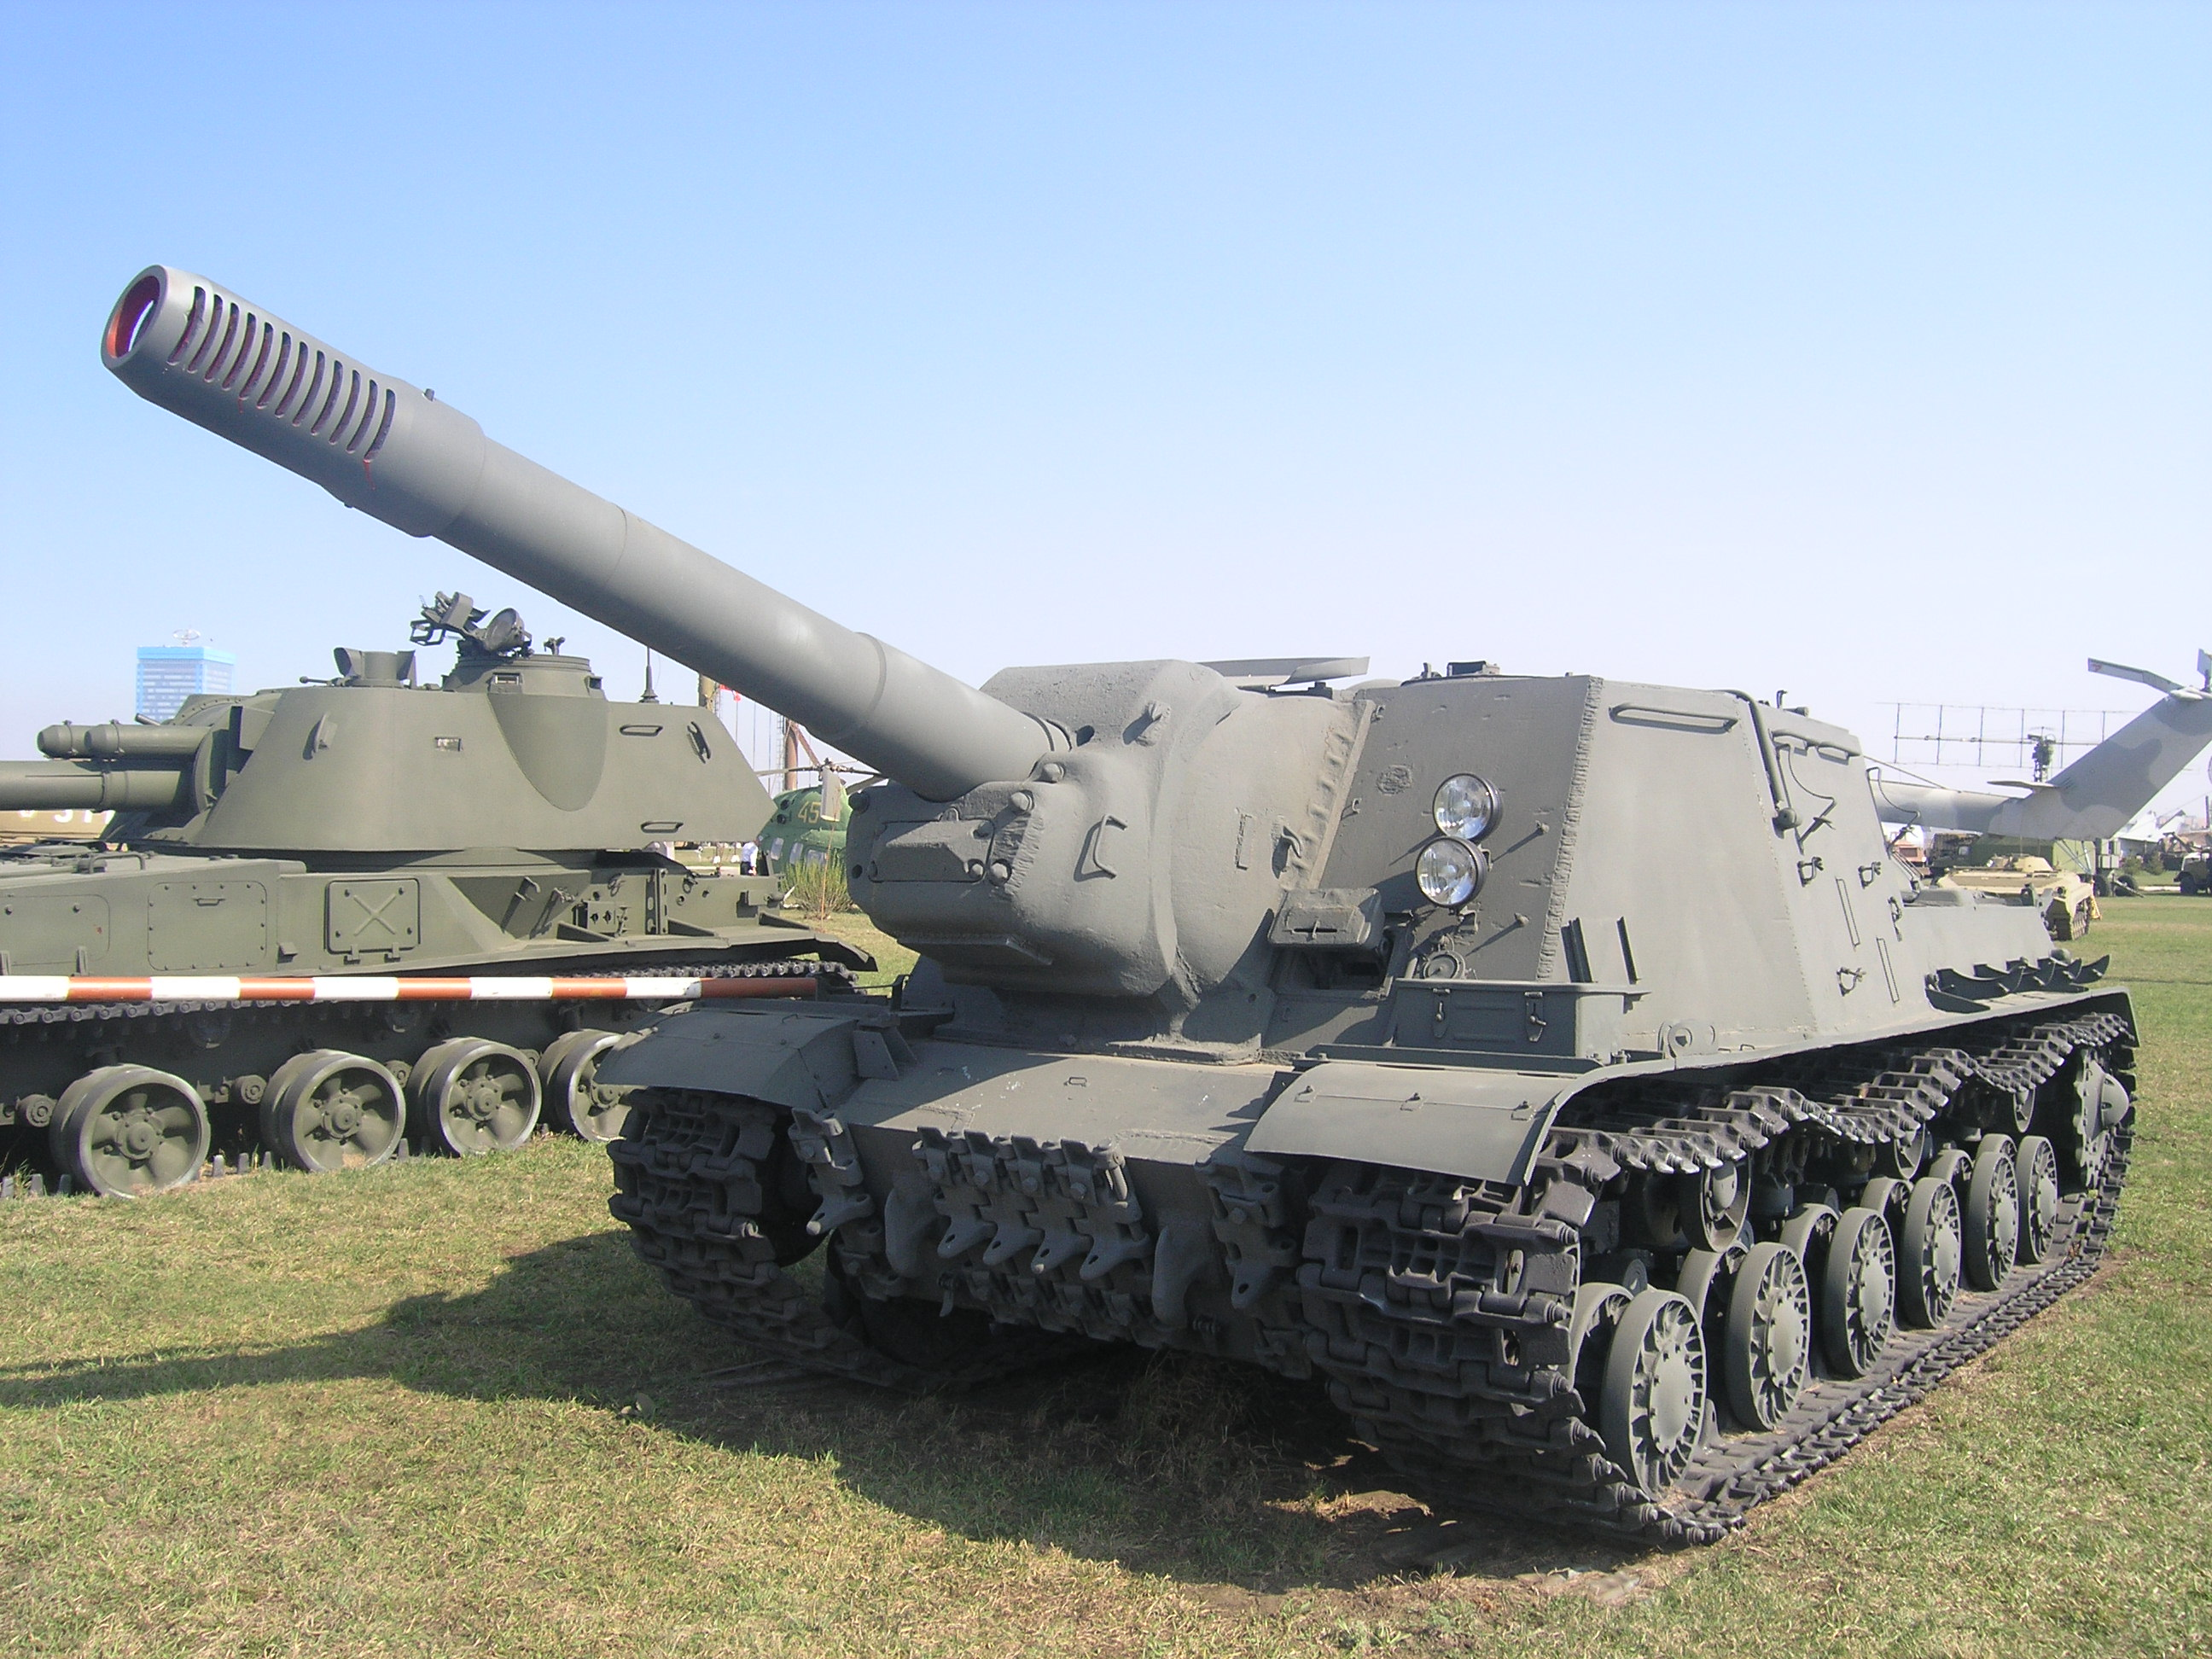 ISU-152_in_technical_museum_in_Togliatti.JPG